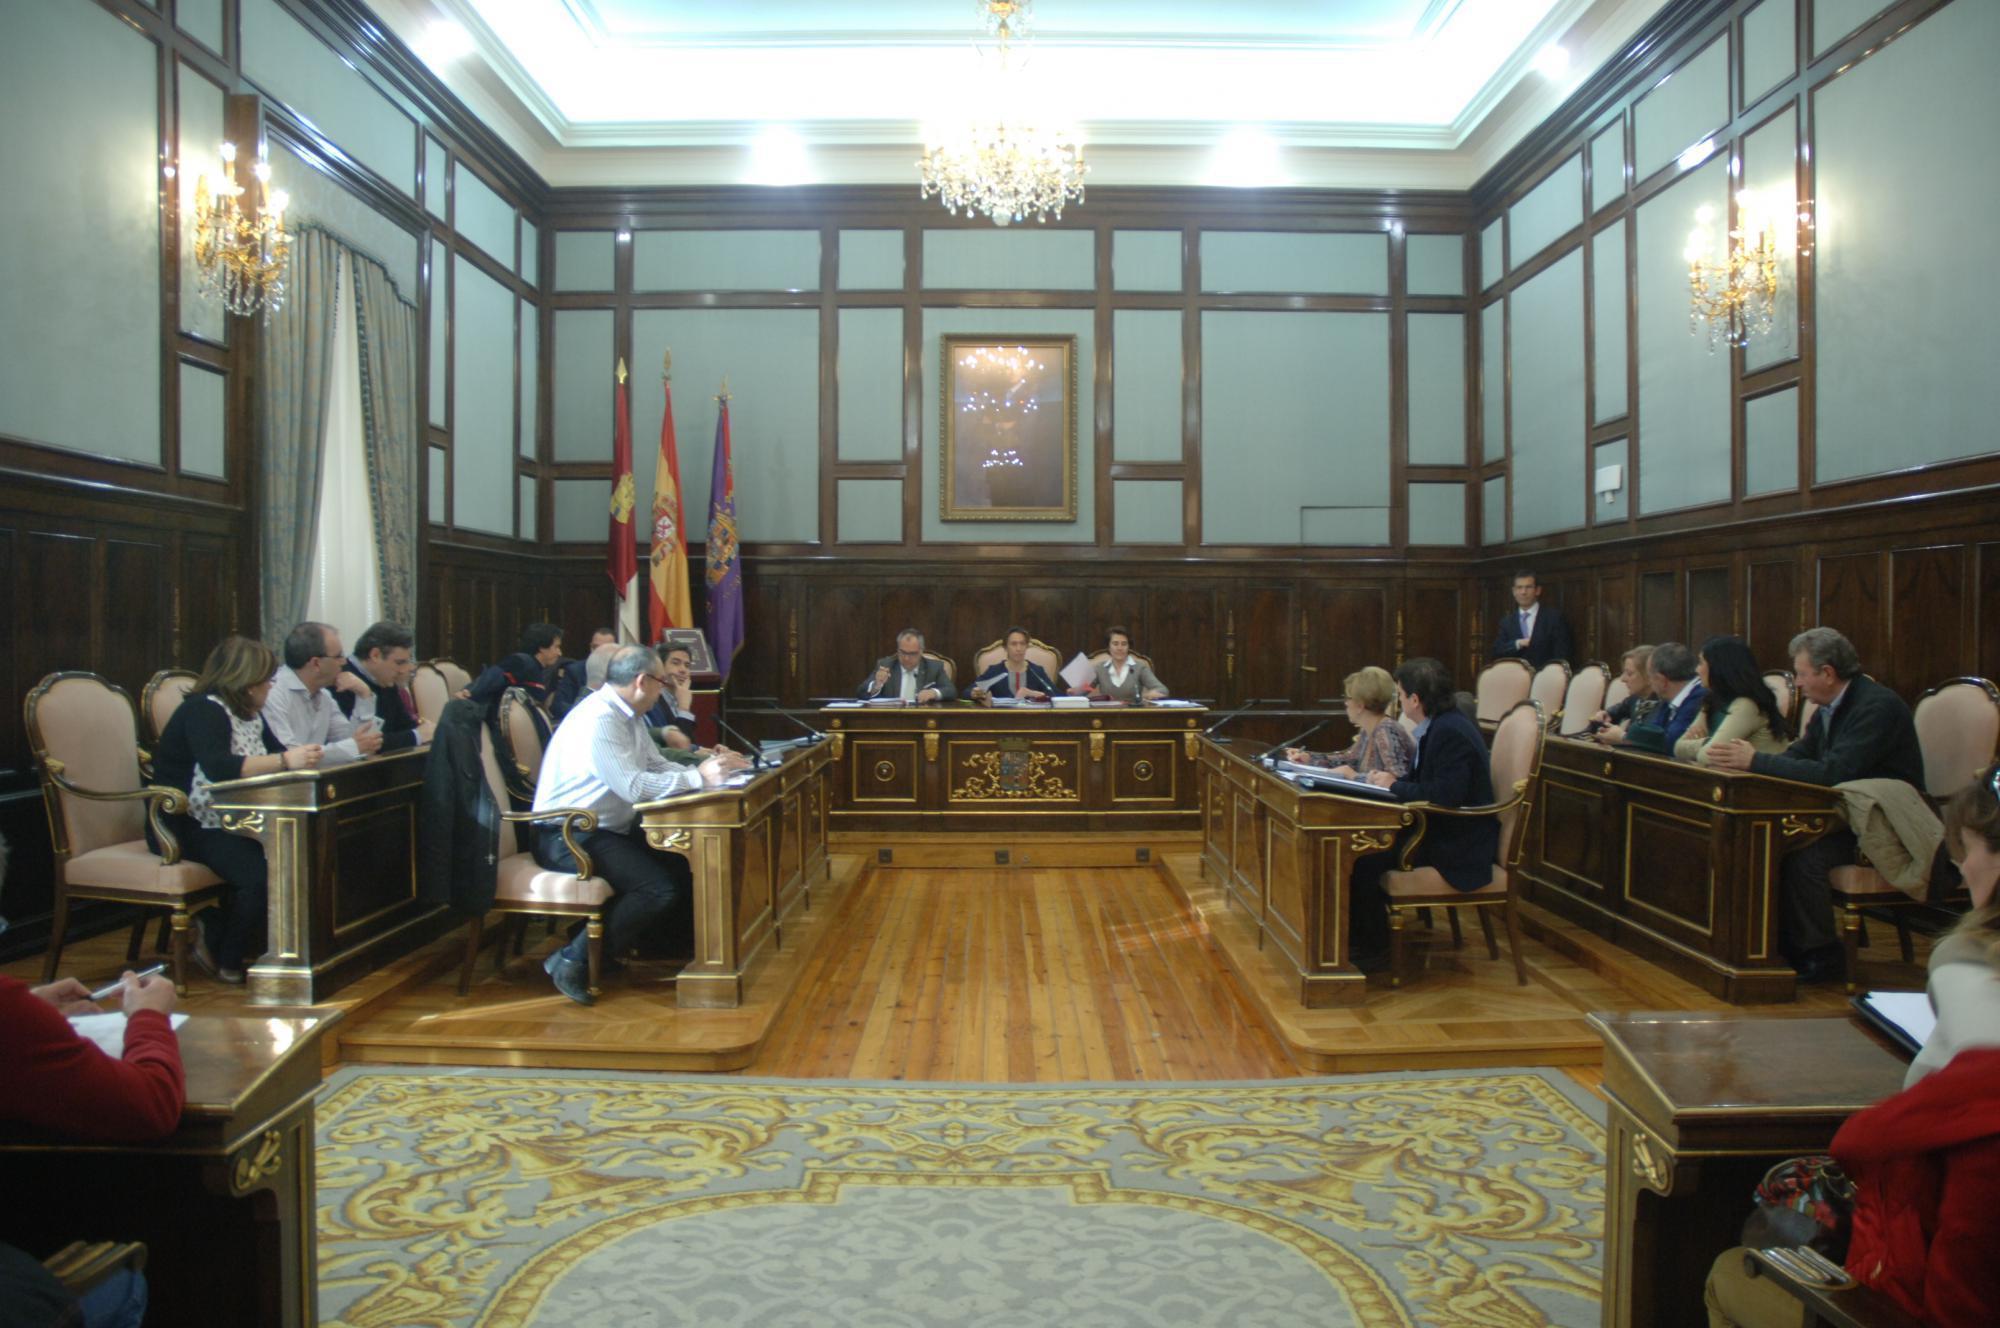 La Diputación incrementa la aportación al Consorcio de Bomberos mejorando el servicio con más inversiones y mejores medios